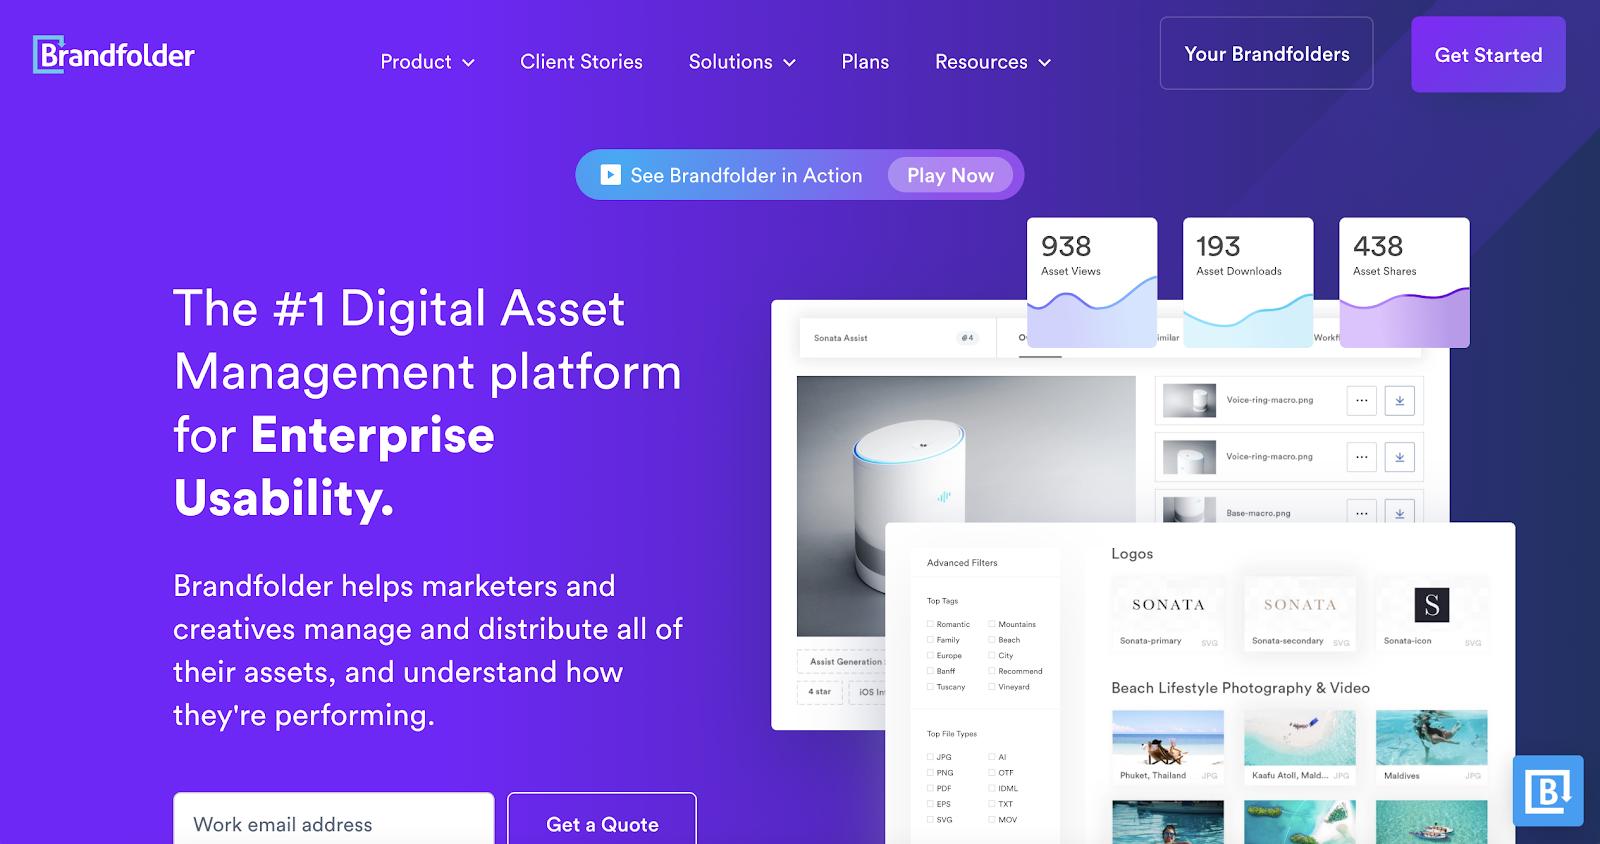 Brandfolder platform overview